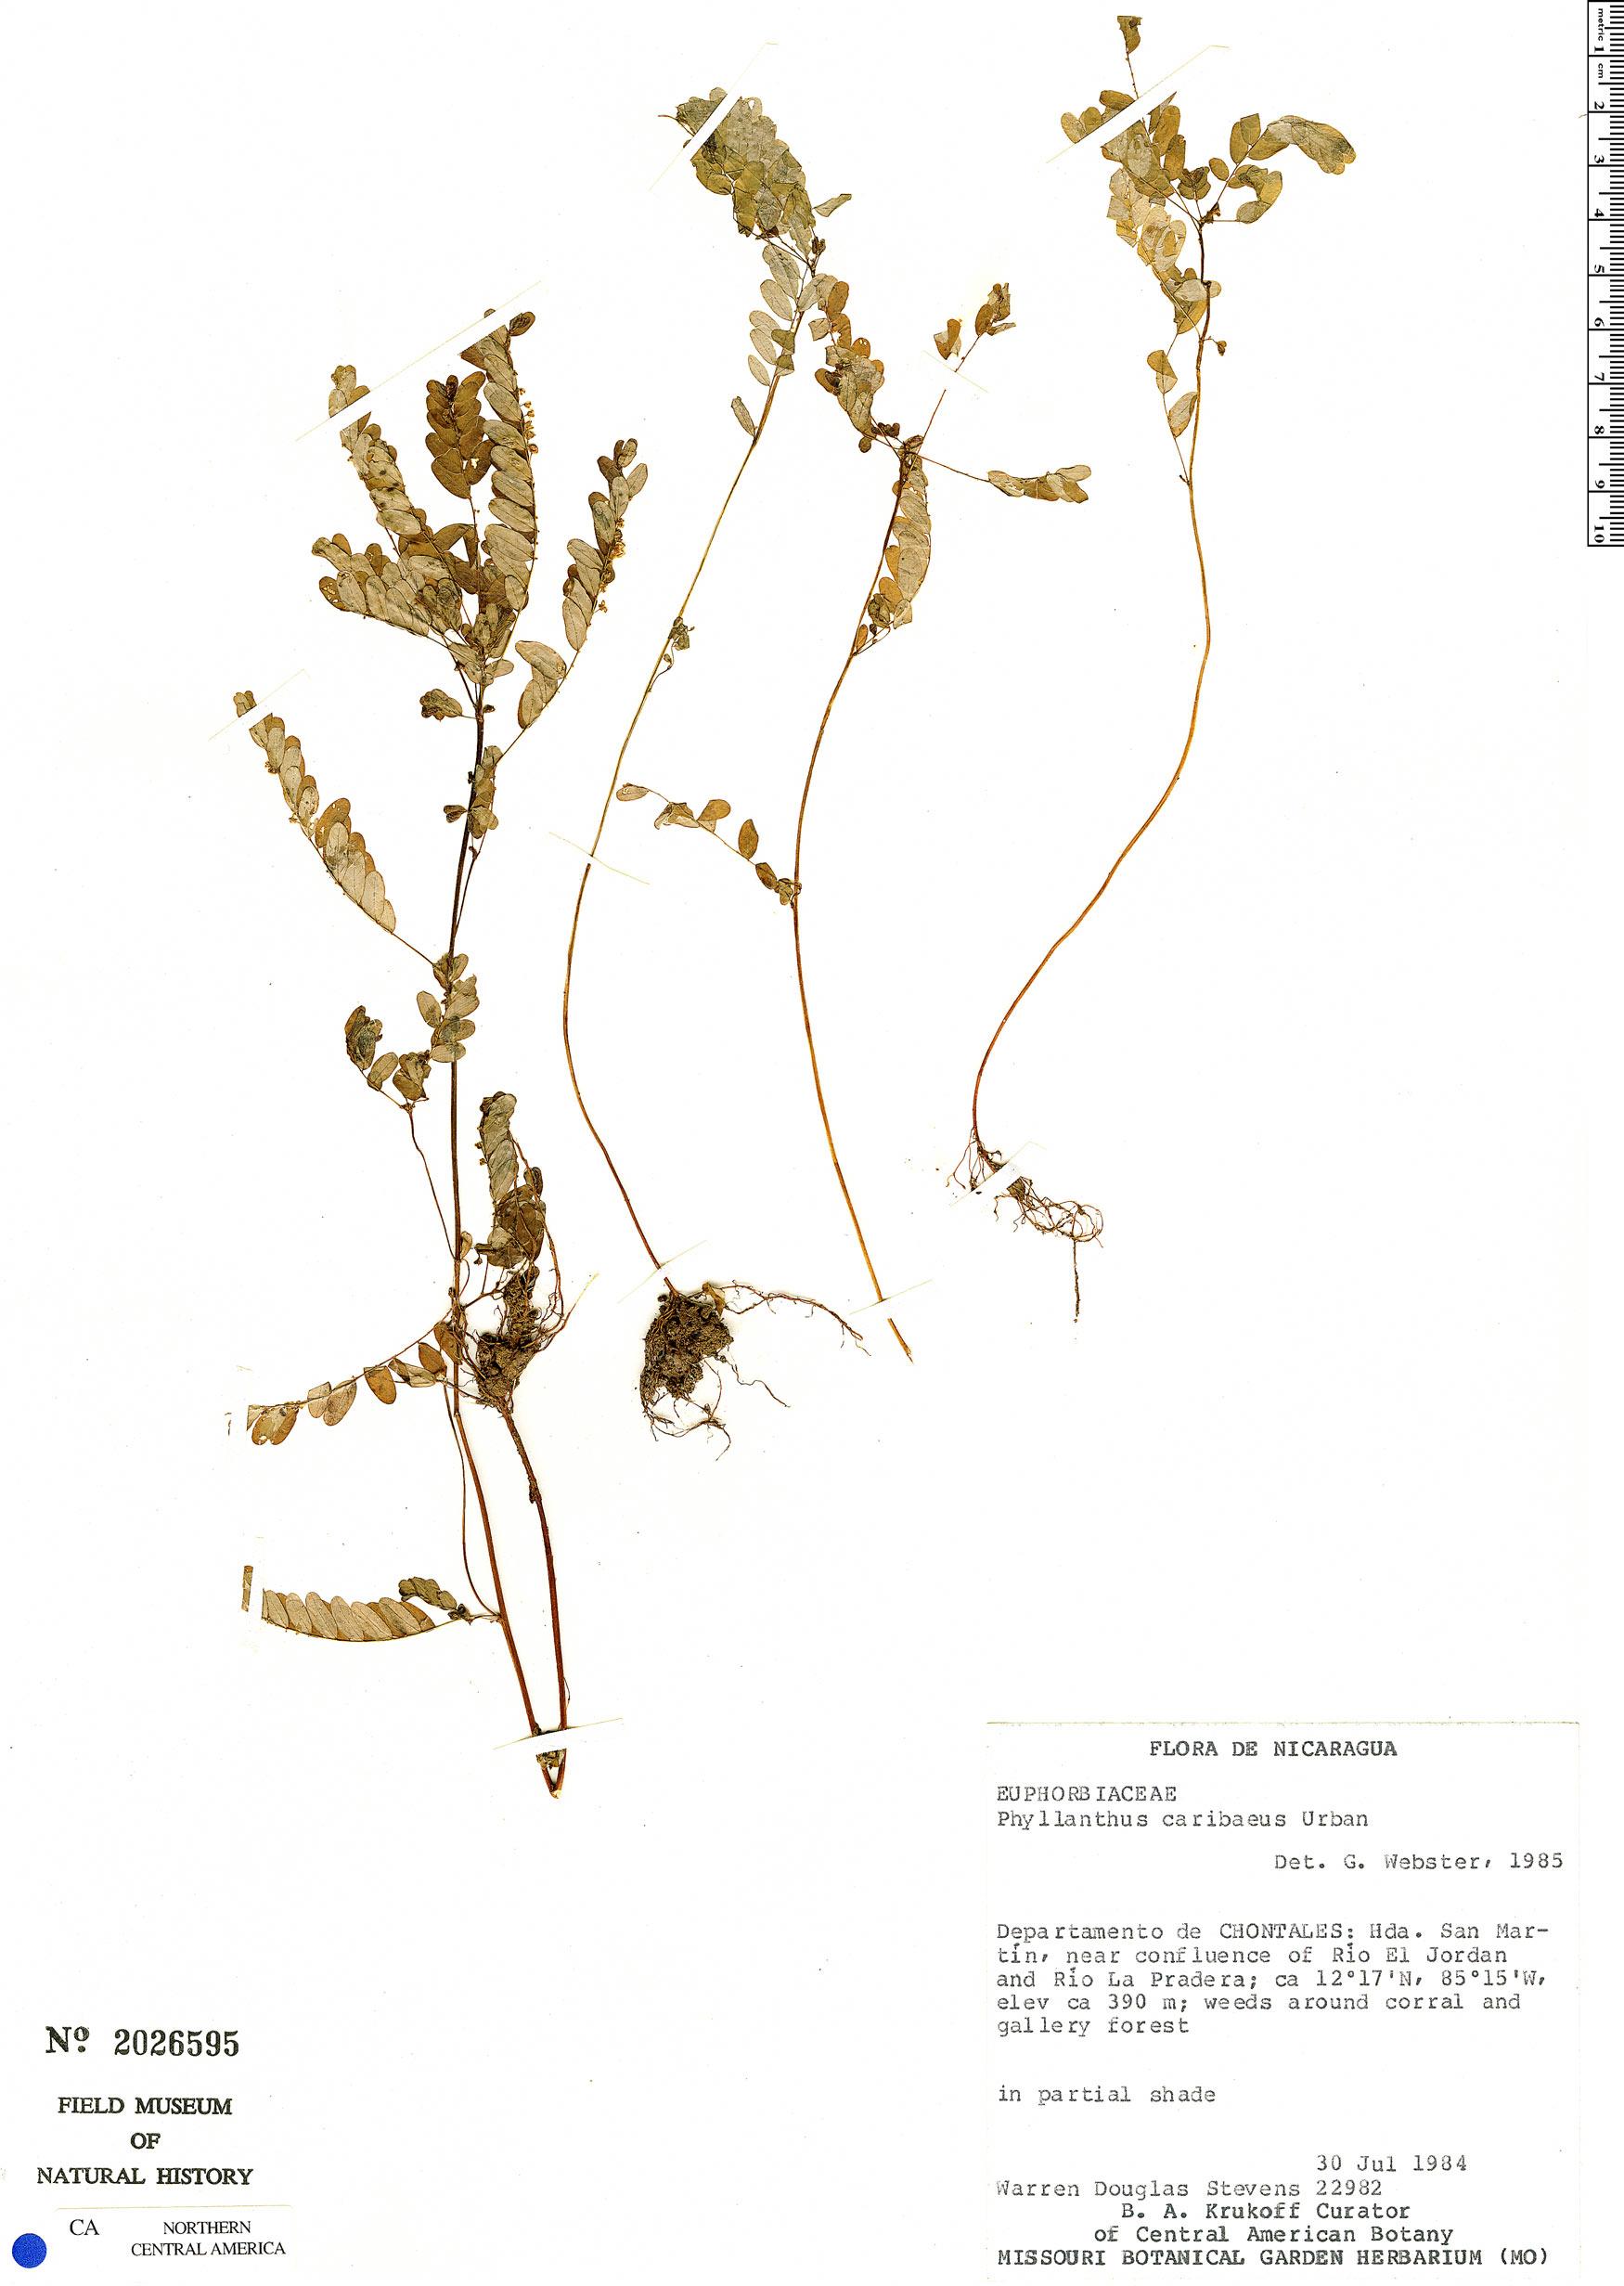 Specimen: Phyllanthus caribaeus